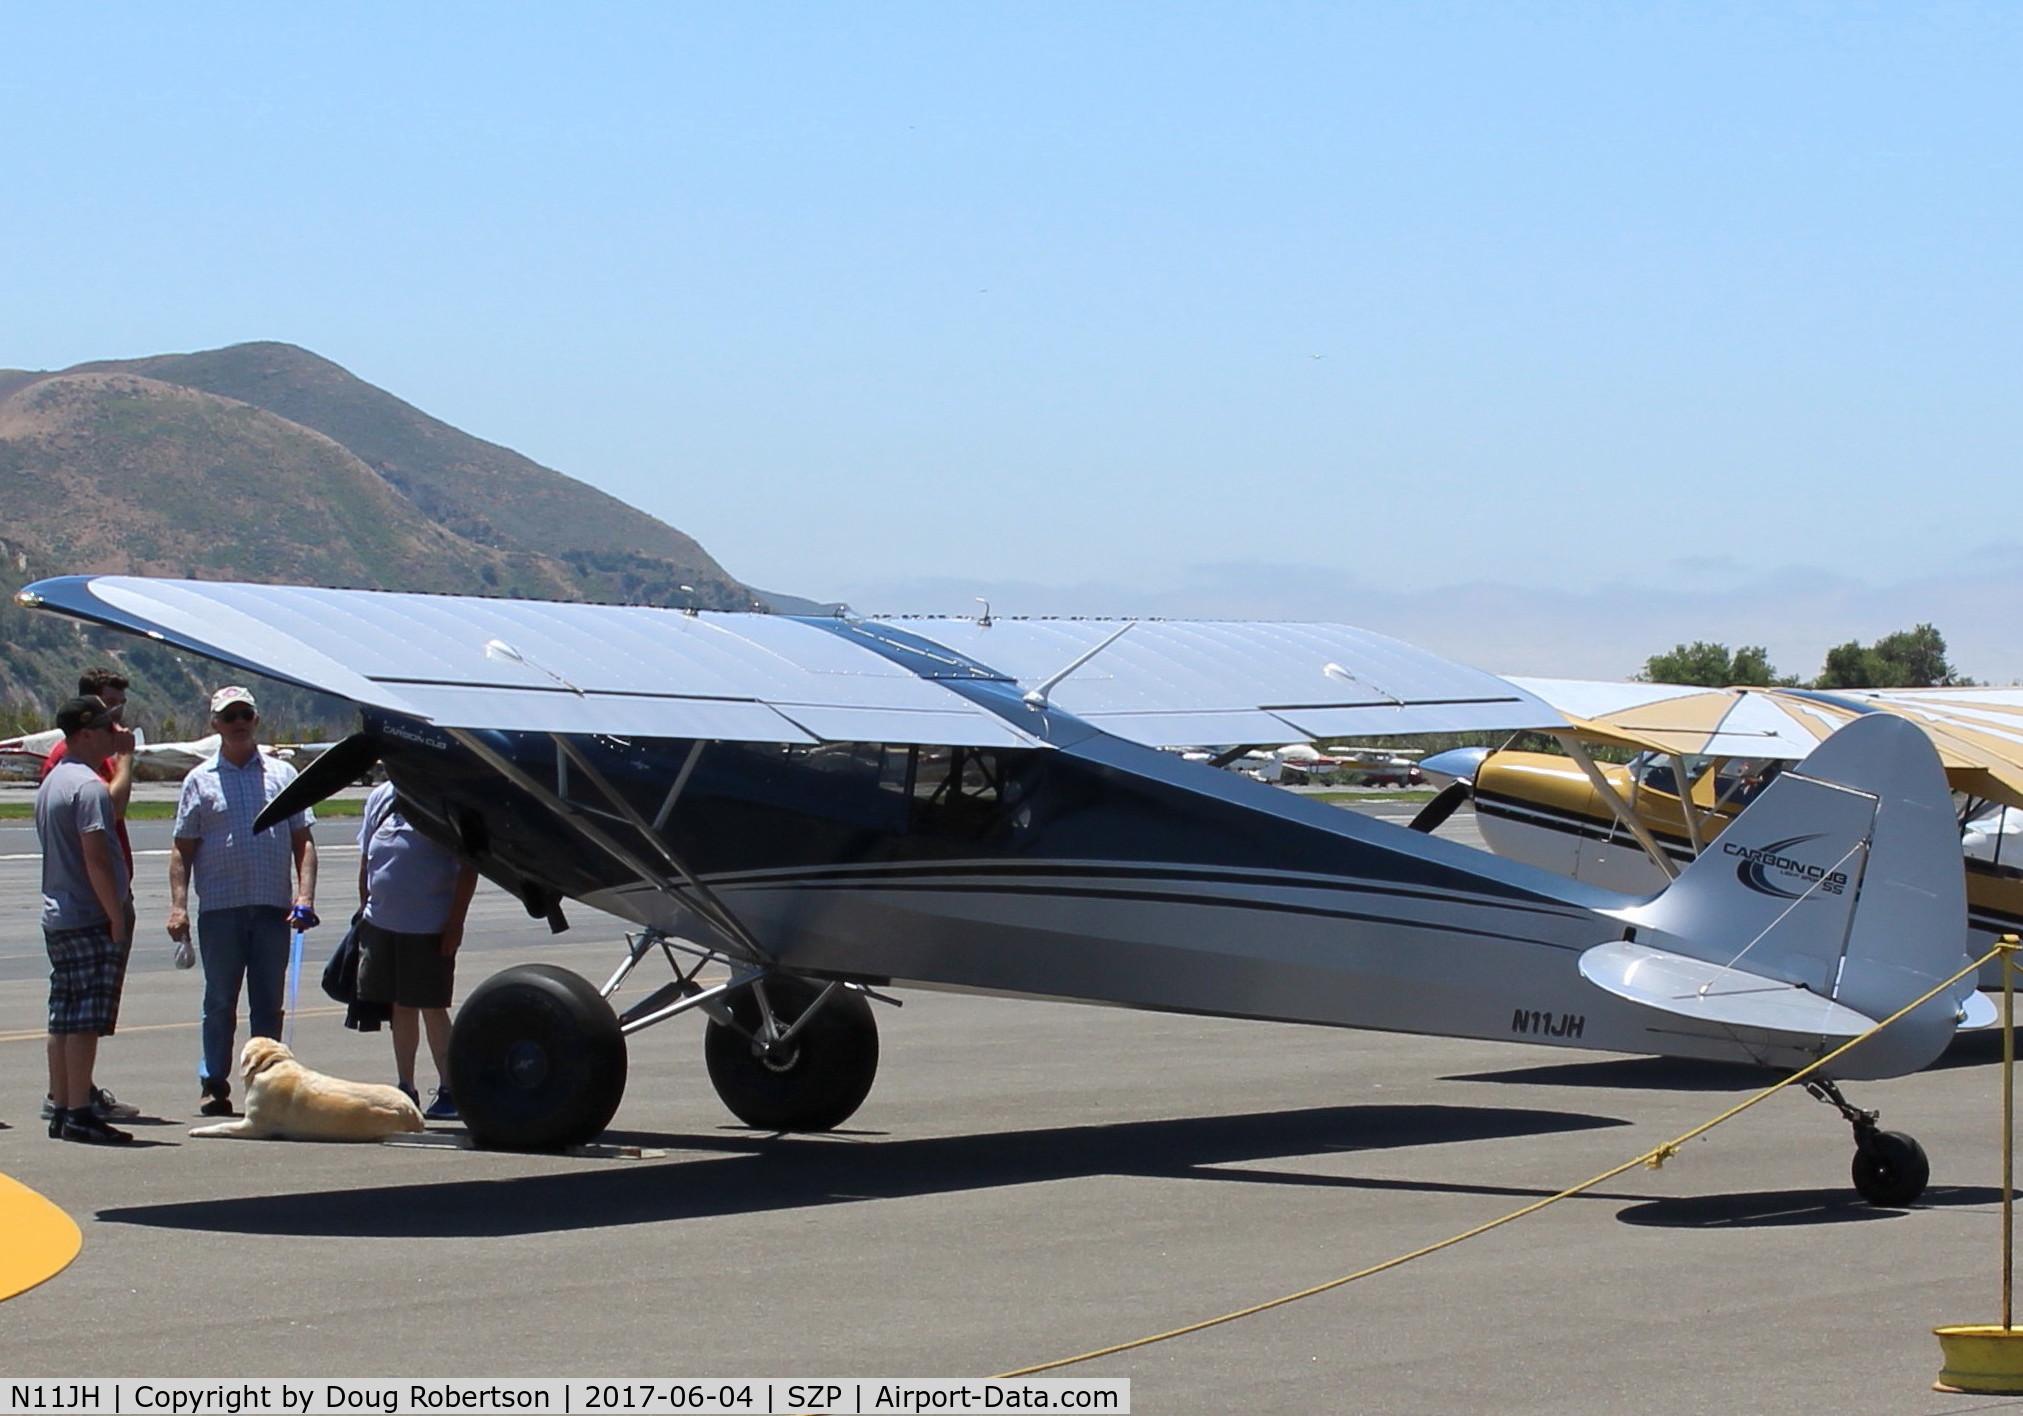 Aircraft N11JH (2016 Cub Crafters CC11-160 Carbon Cub SS C/N CC11